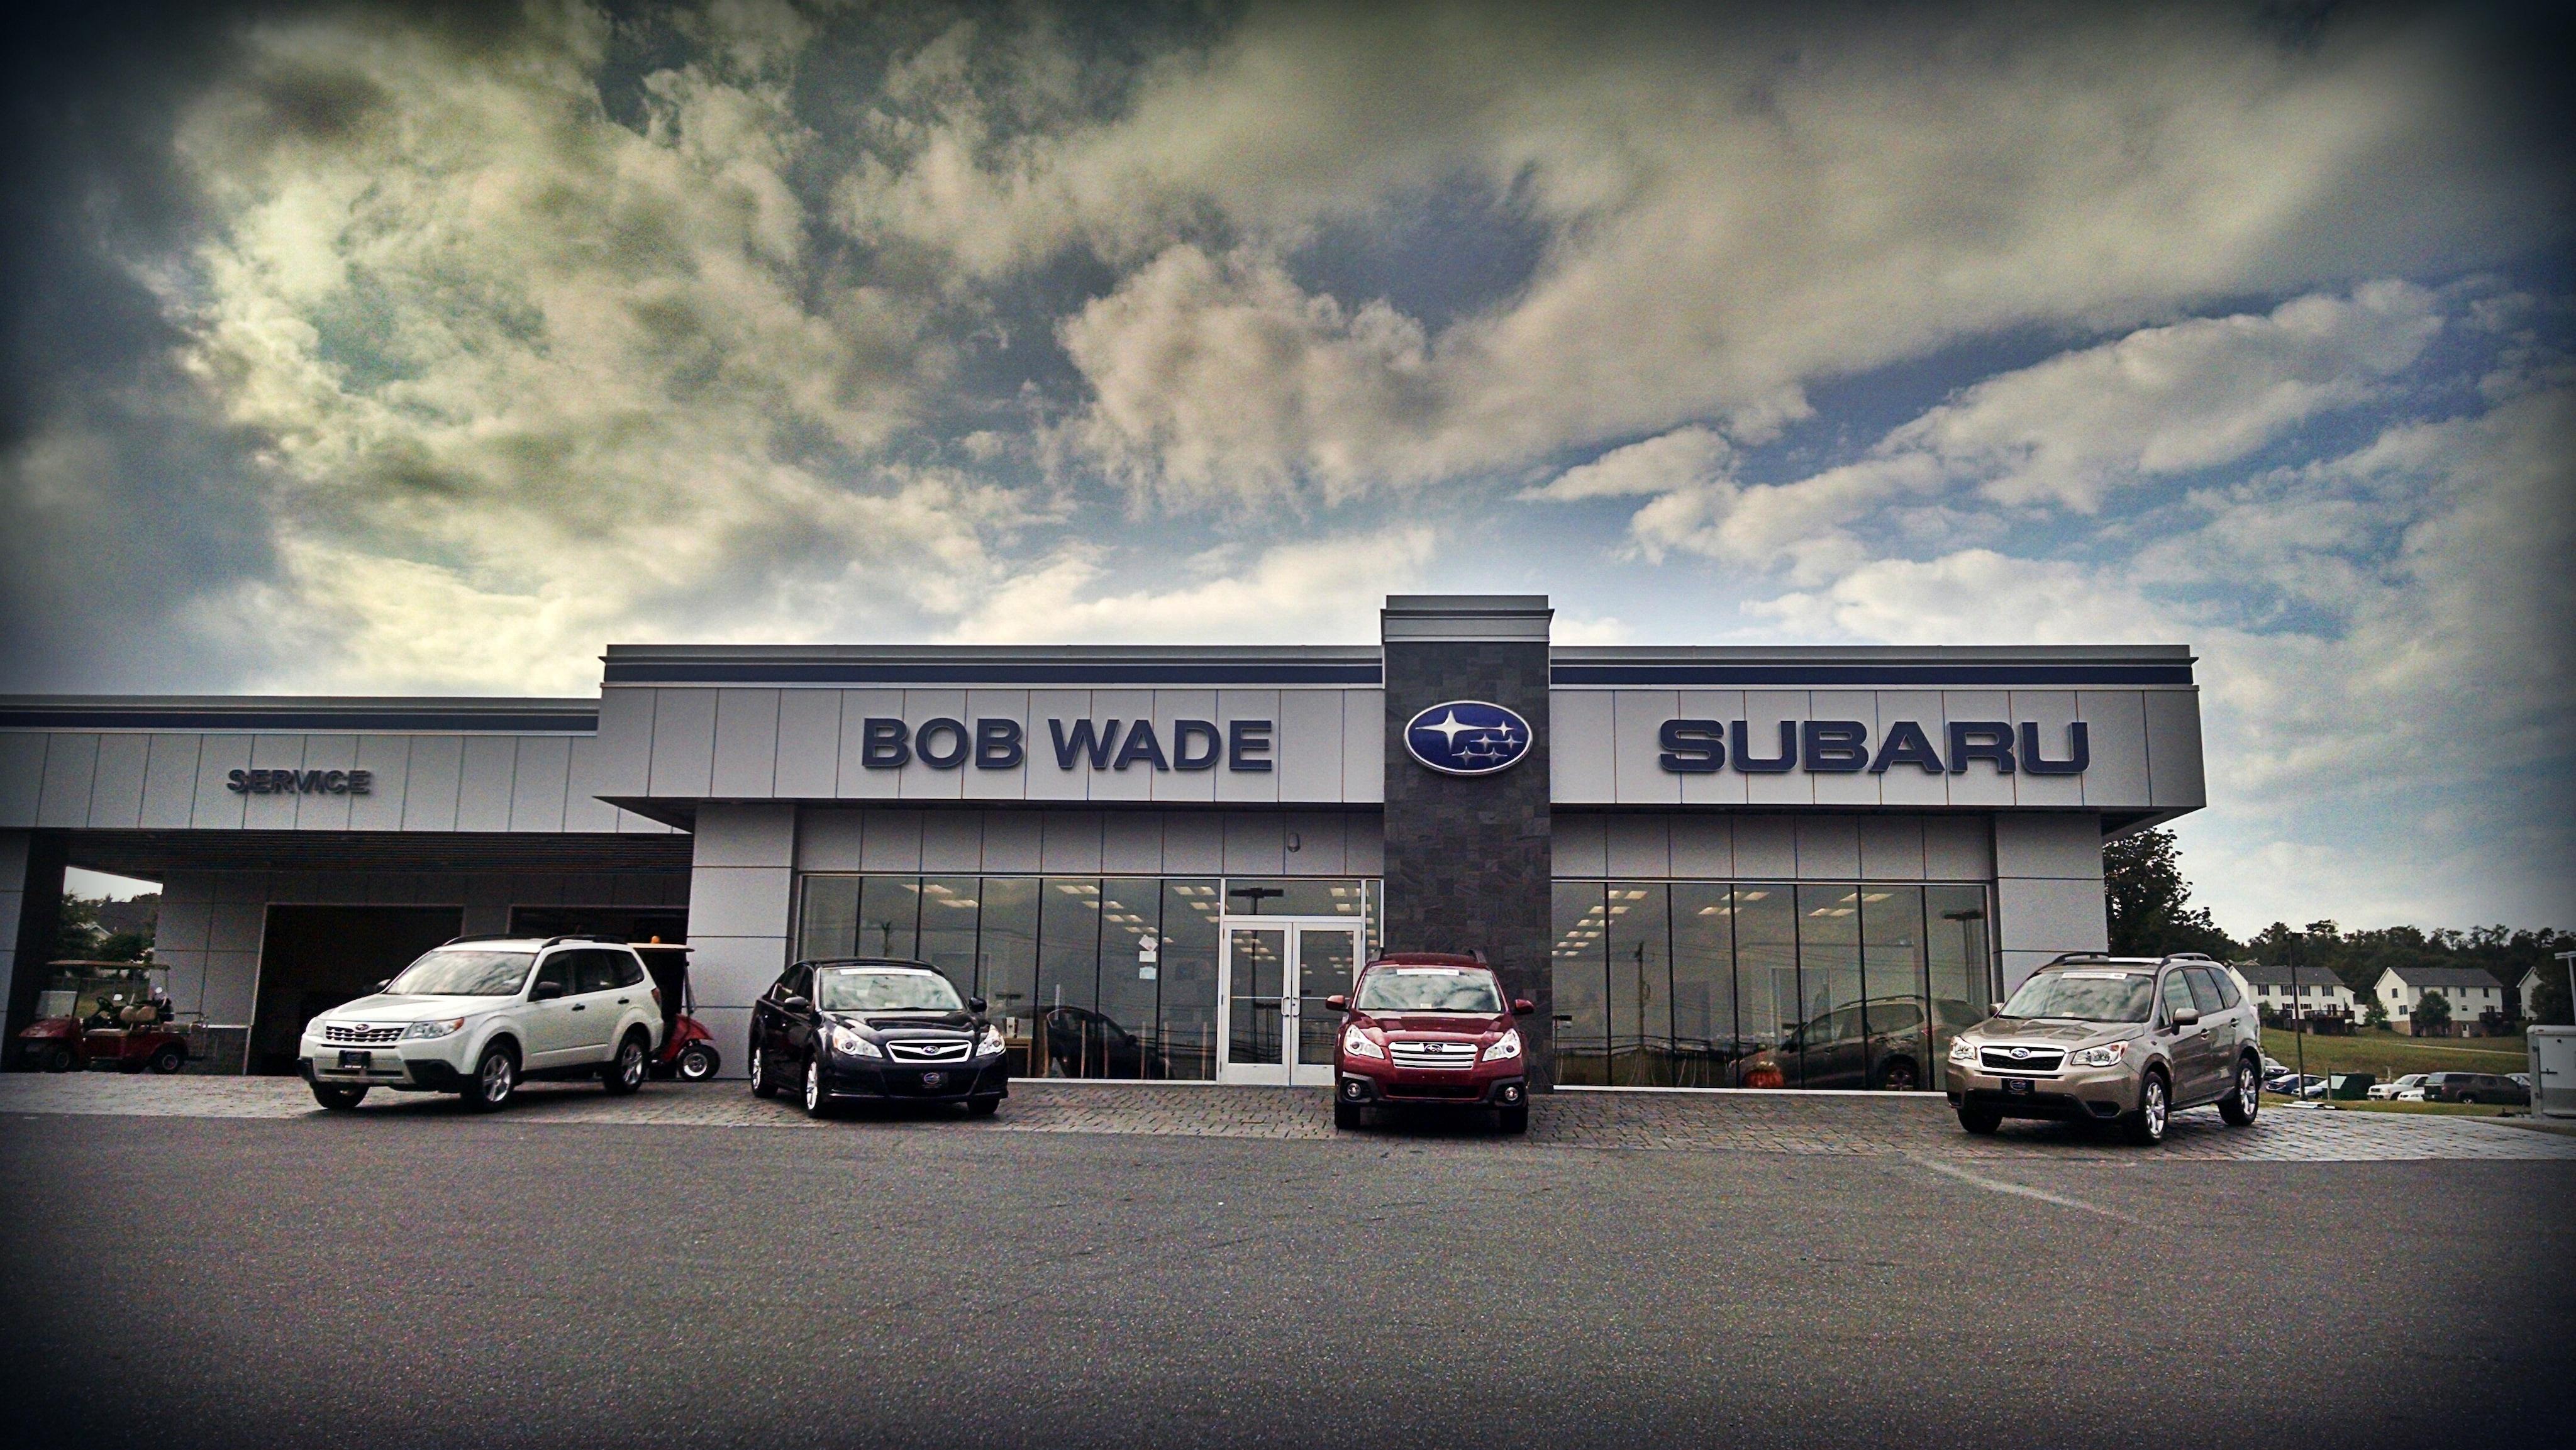 Bob Wade Subaru Harrisonburg VA | New 2015 Subaru & Used ...